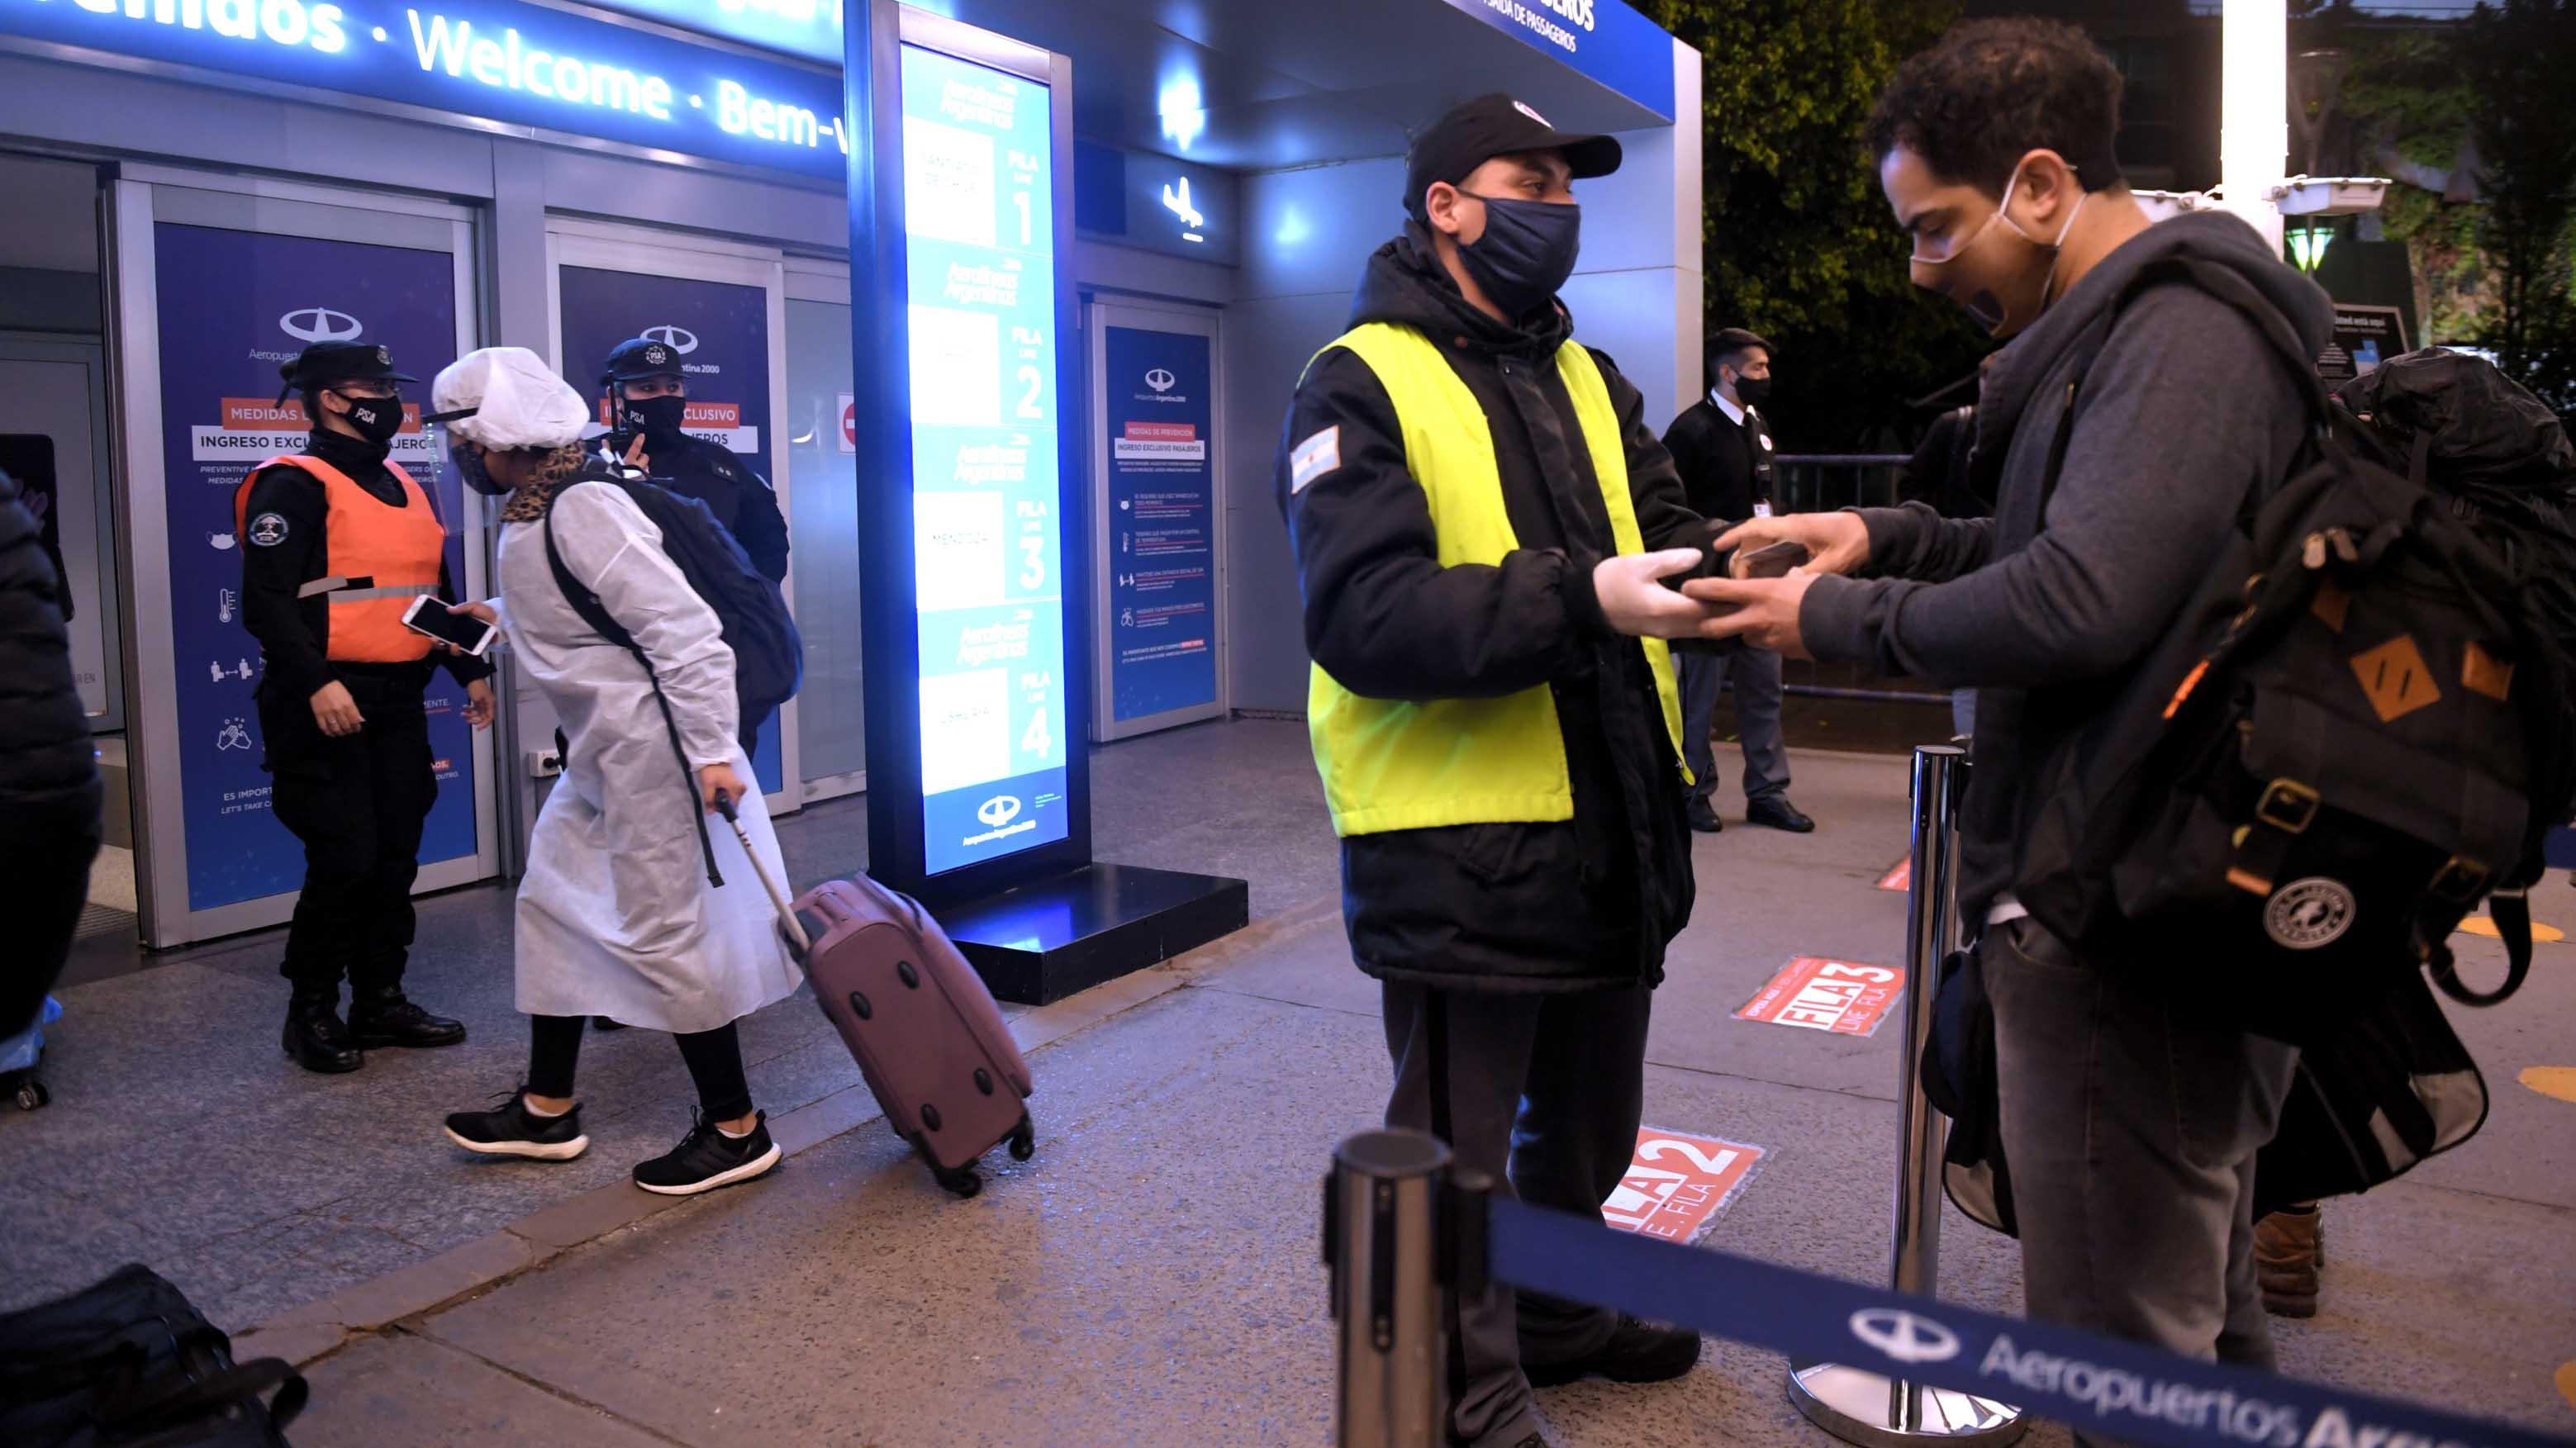 Personal de Ezeiza revisa la documentación de los pasajeros. El aeropuerto Jorge Newbery está siendo remodelado y por ahora no realiza operaciones regulares